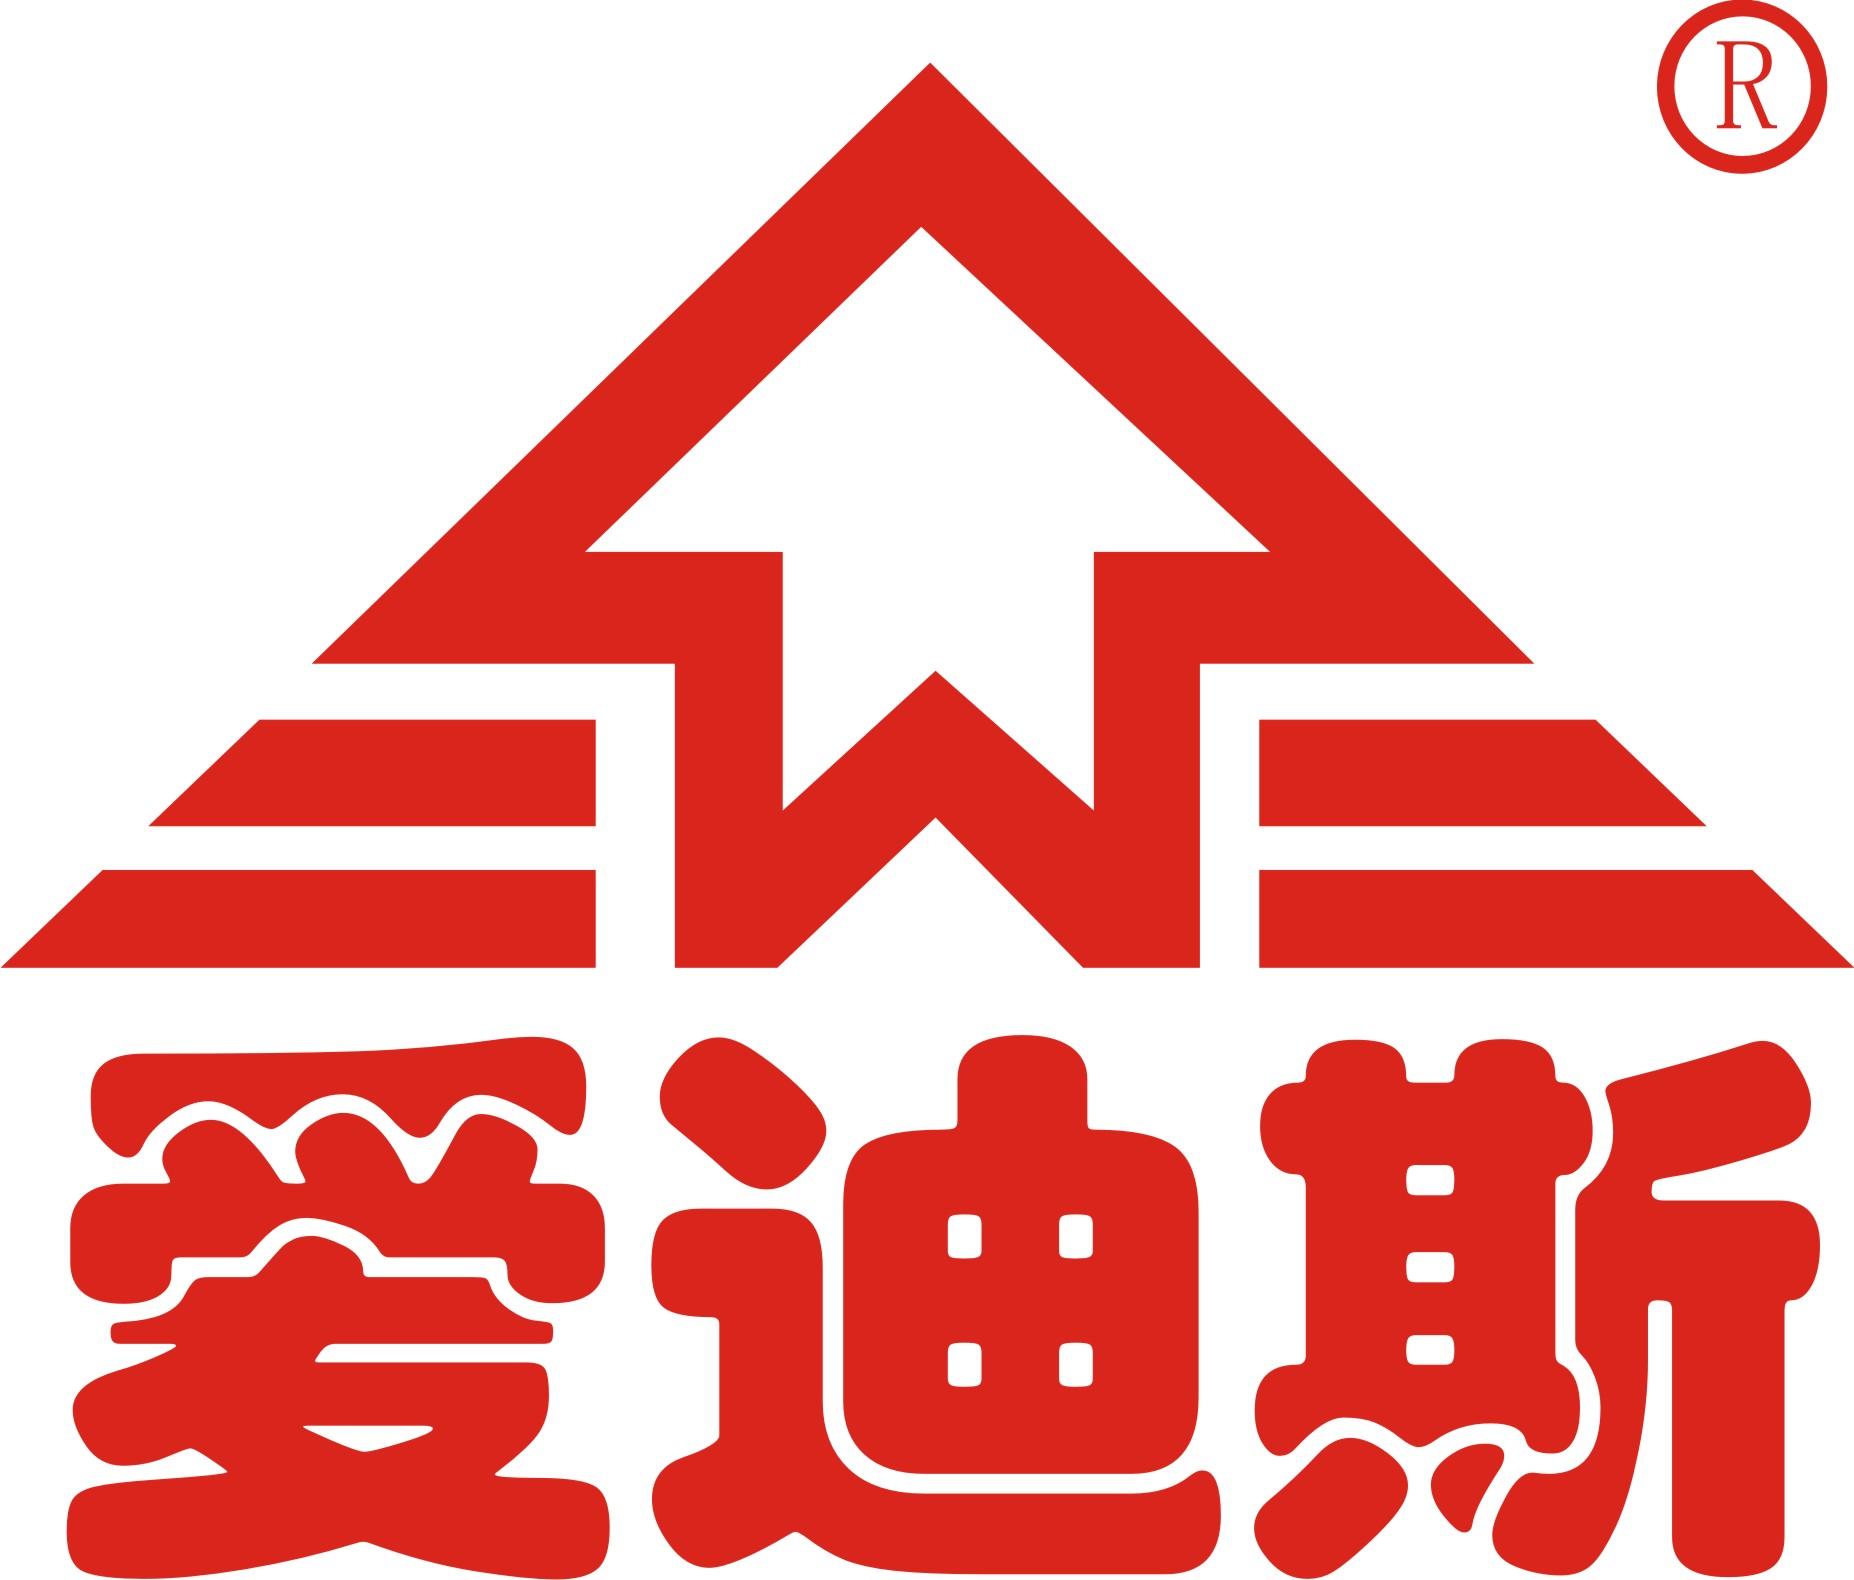 广东爱迪斯新型材料5wk金沙备用 网址股份有限5wk金沙备用 网址